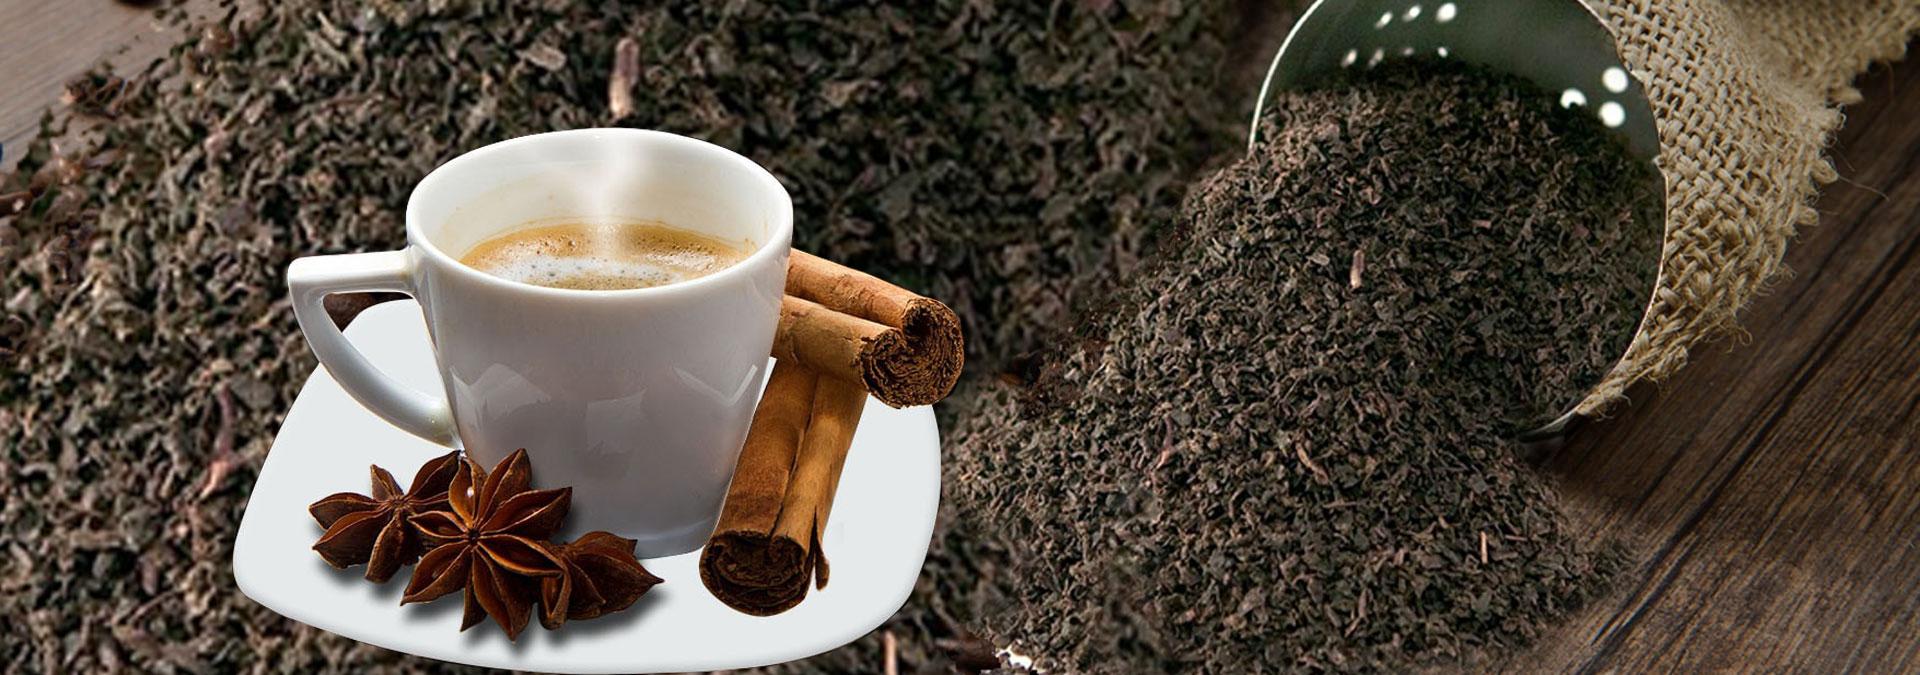 بهترین چای بهاره